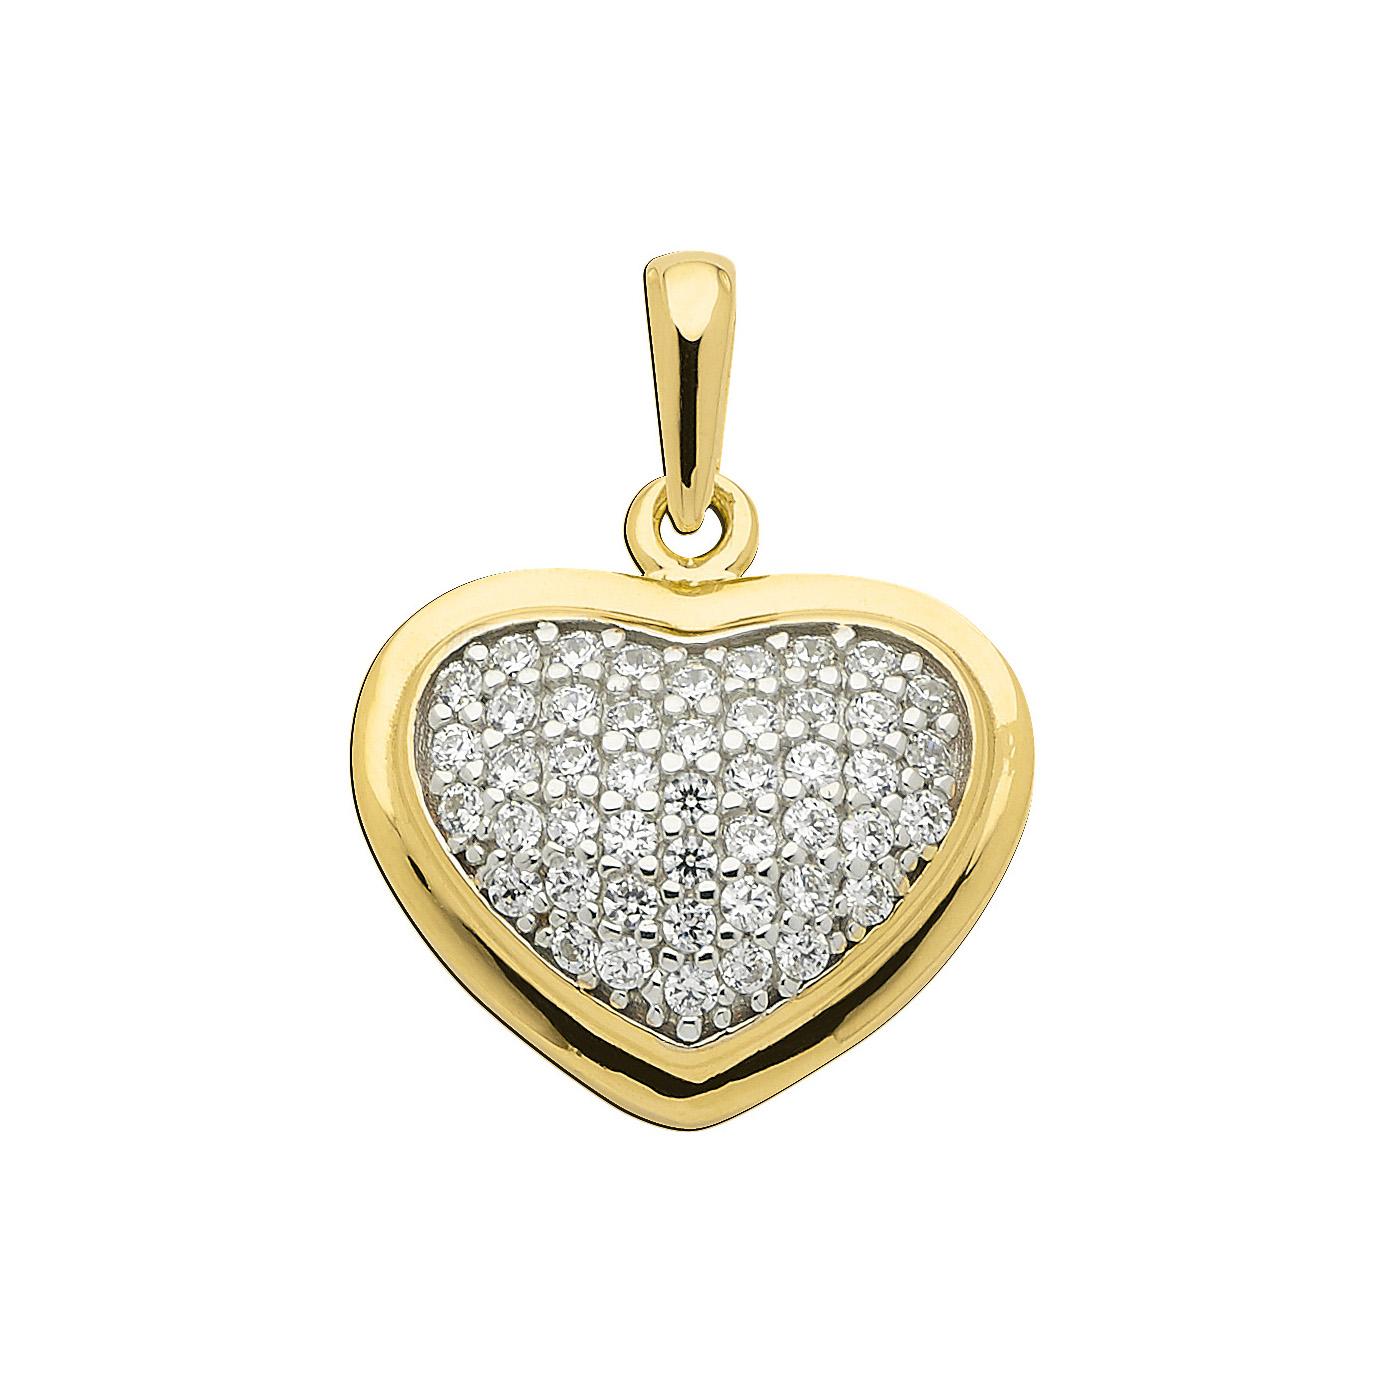 zirkon hjerte vedhæng i guld. Flot stenbesat hjerte i 8 karat